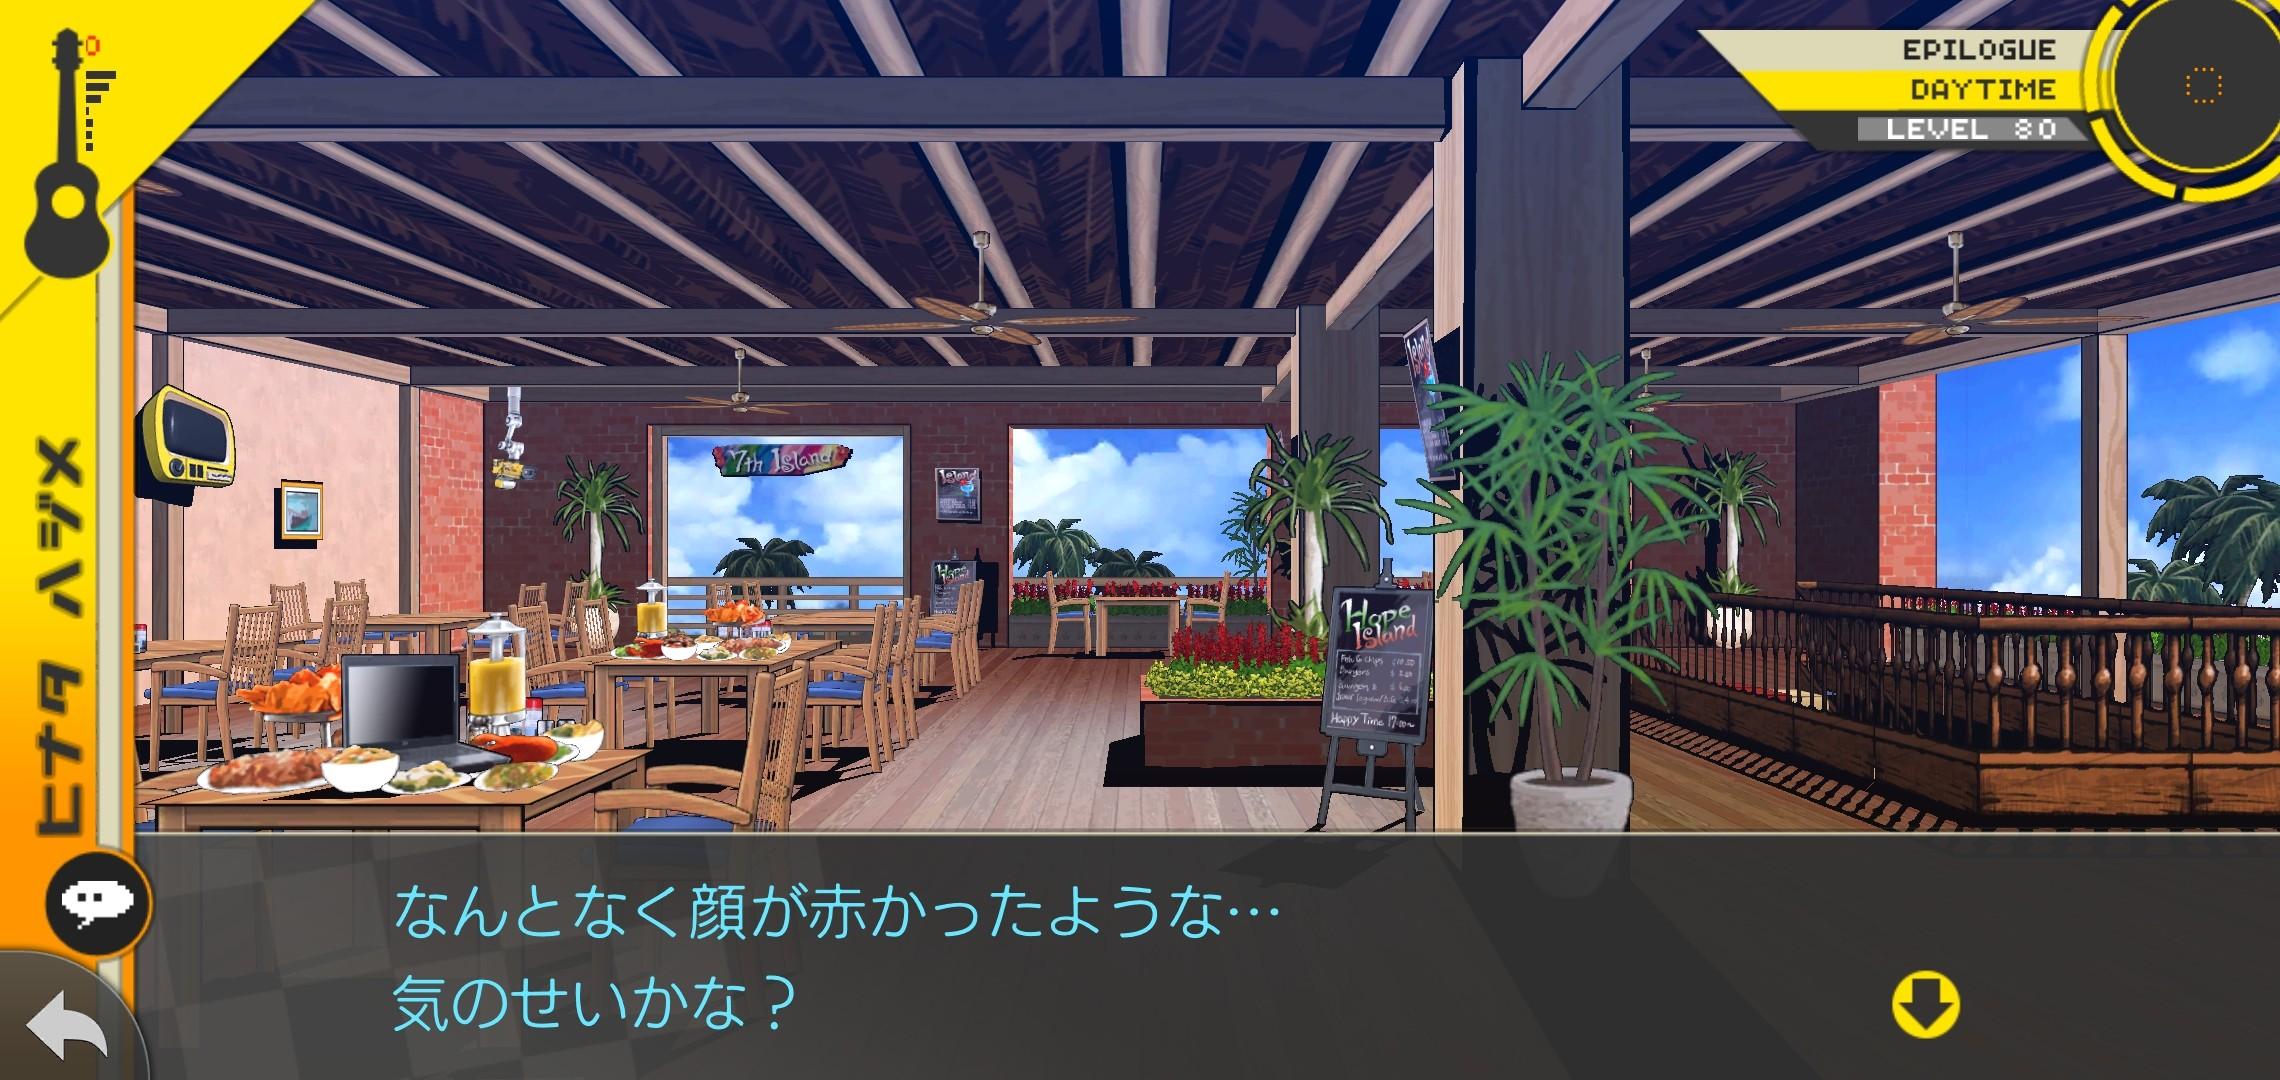 f:id:Rinburu:20201207233727j:plain